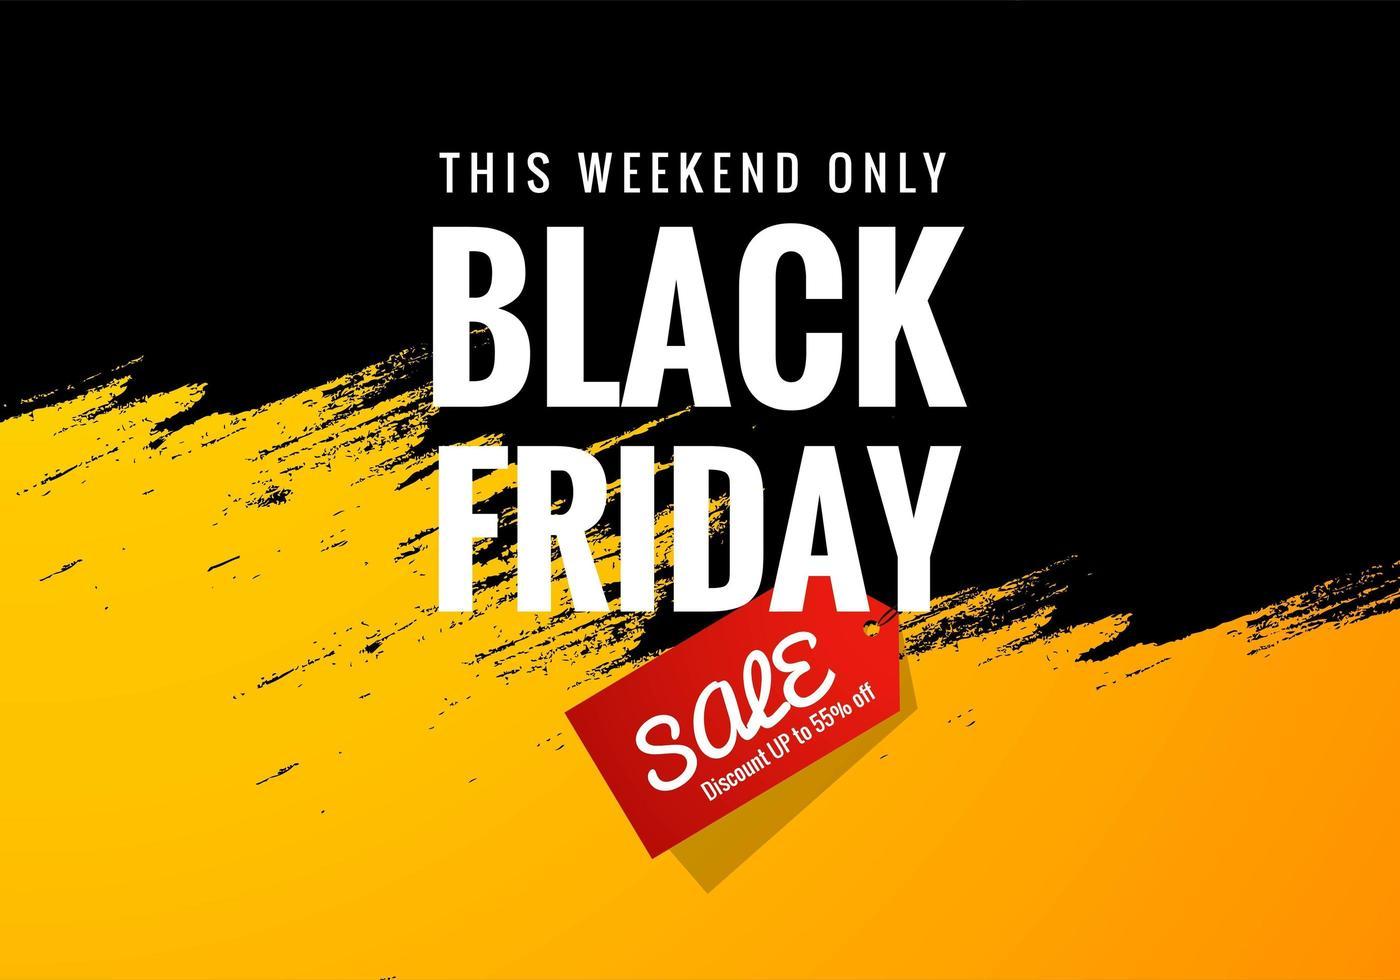 vendredi noir week-end vente bannière concept fond vecteur